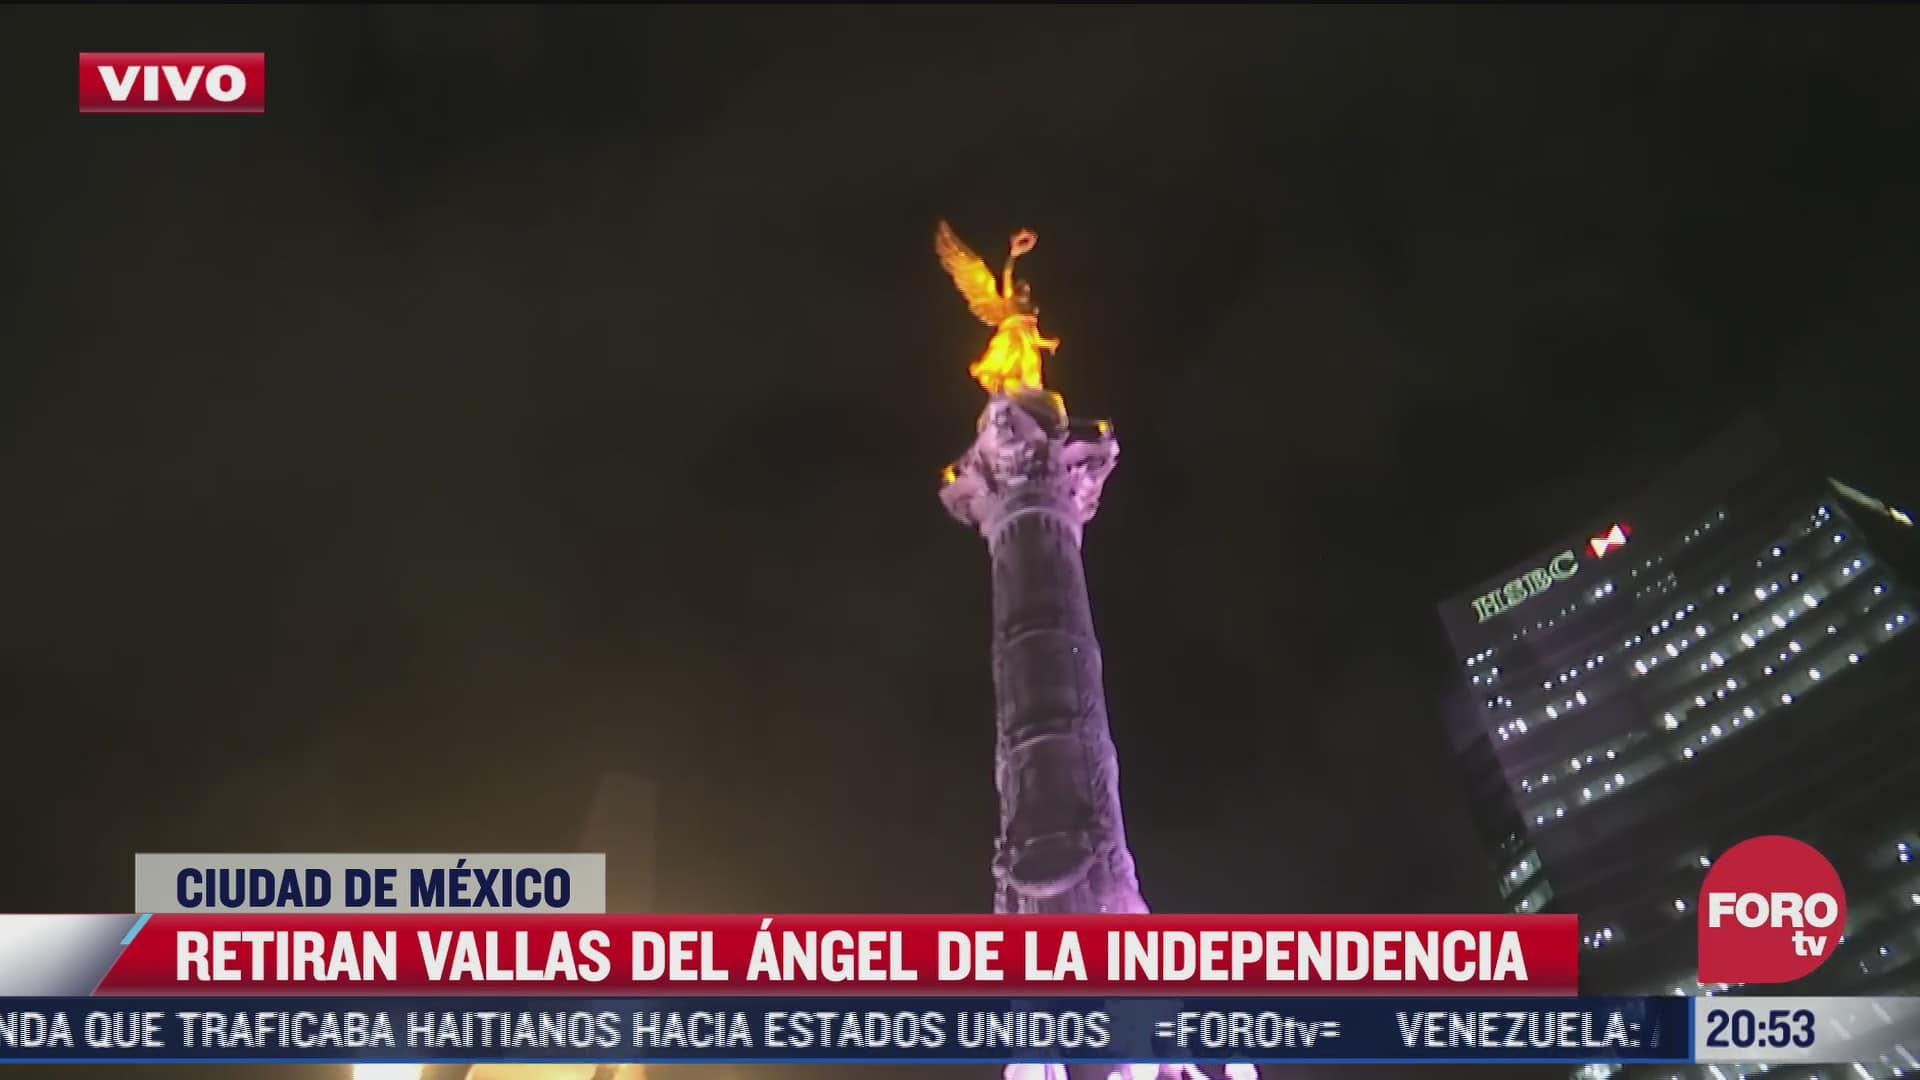 retiran vallas del angel de la independencia en cdmx